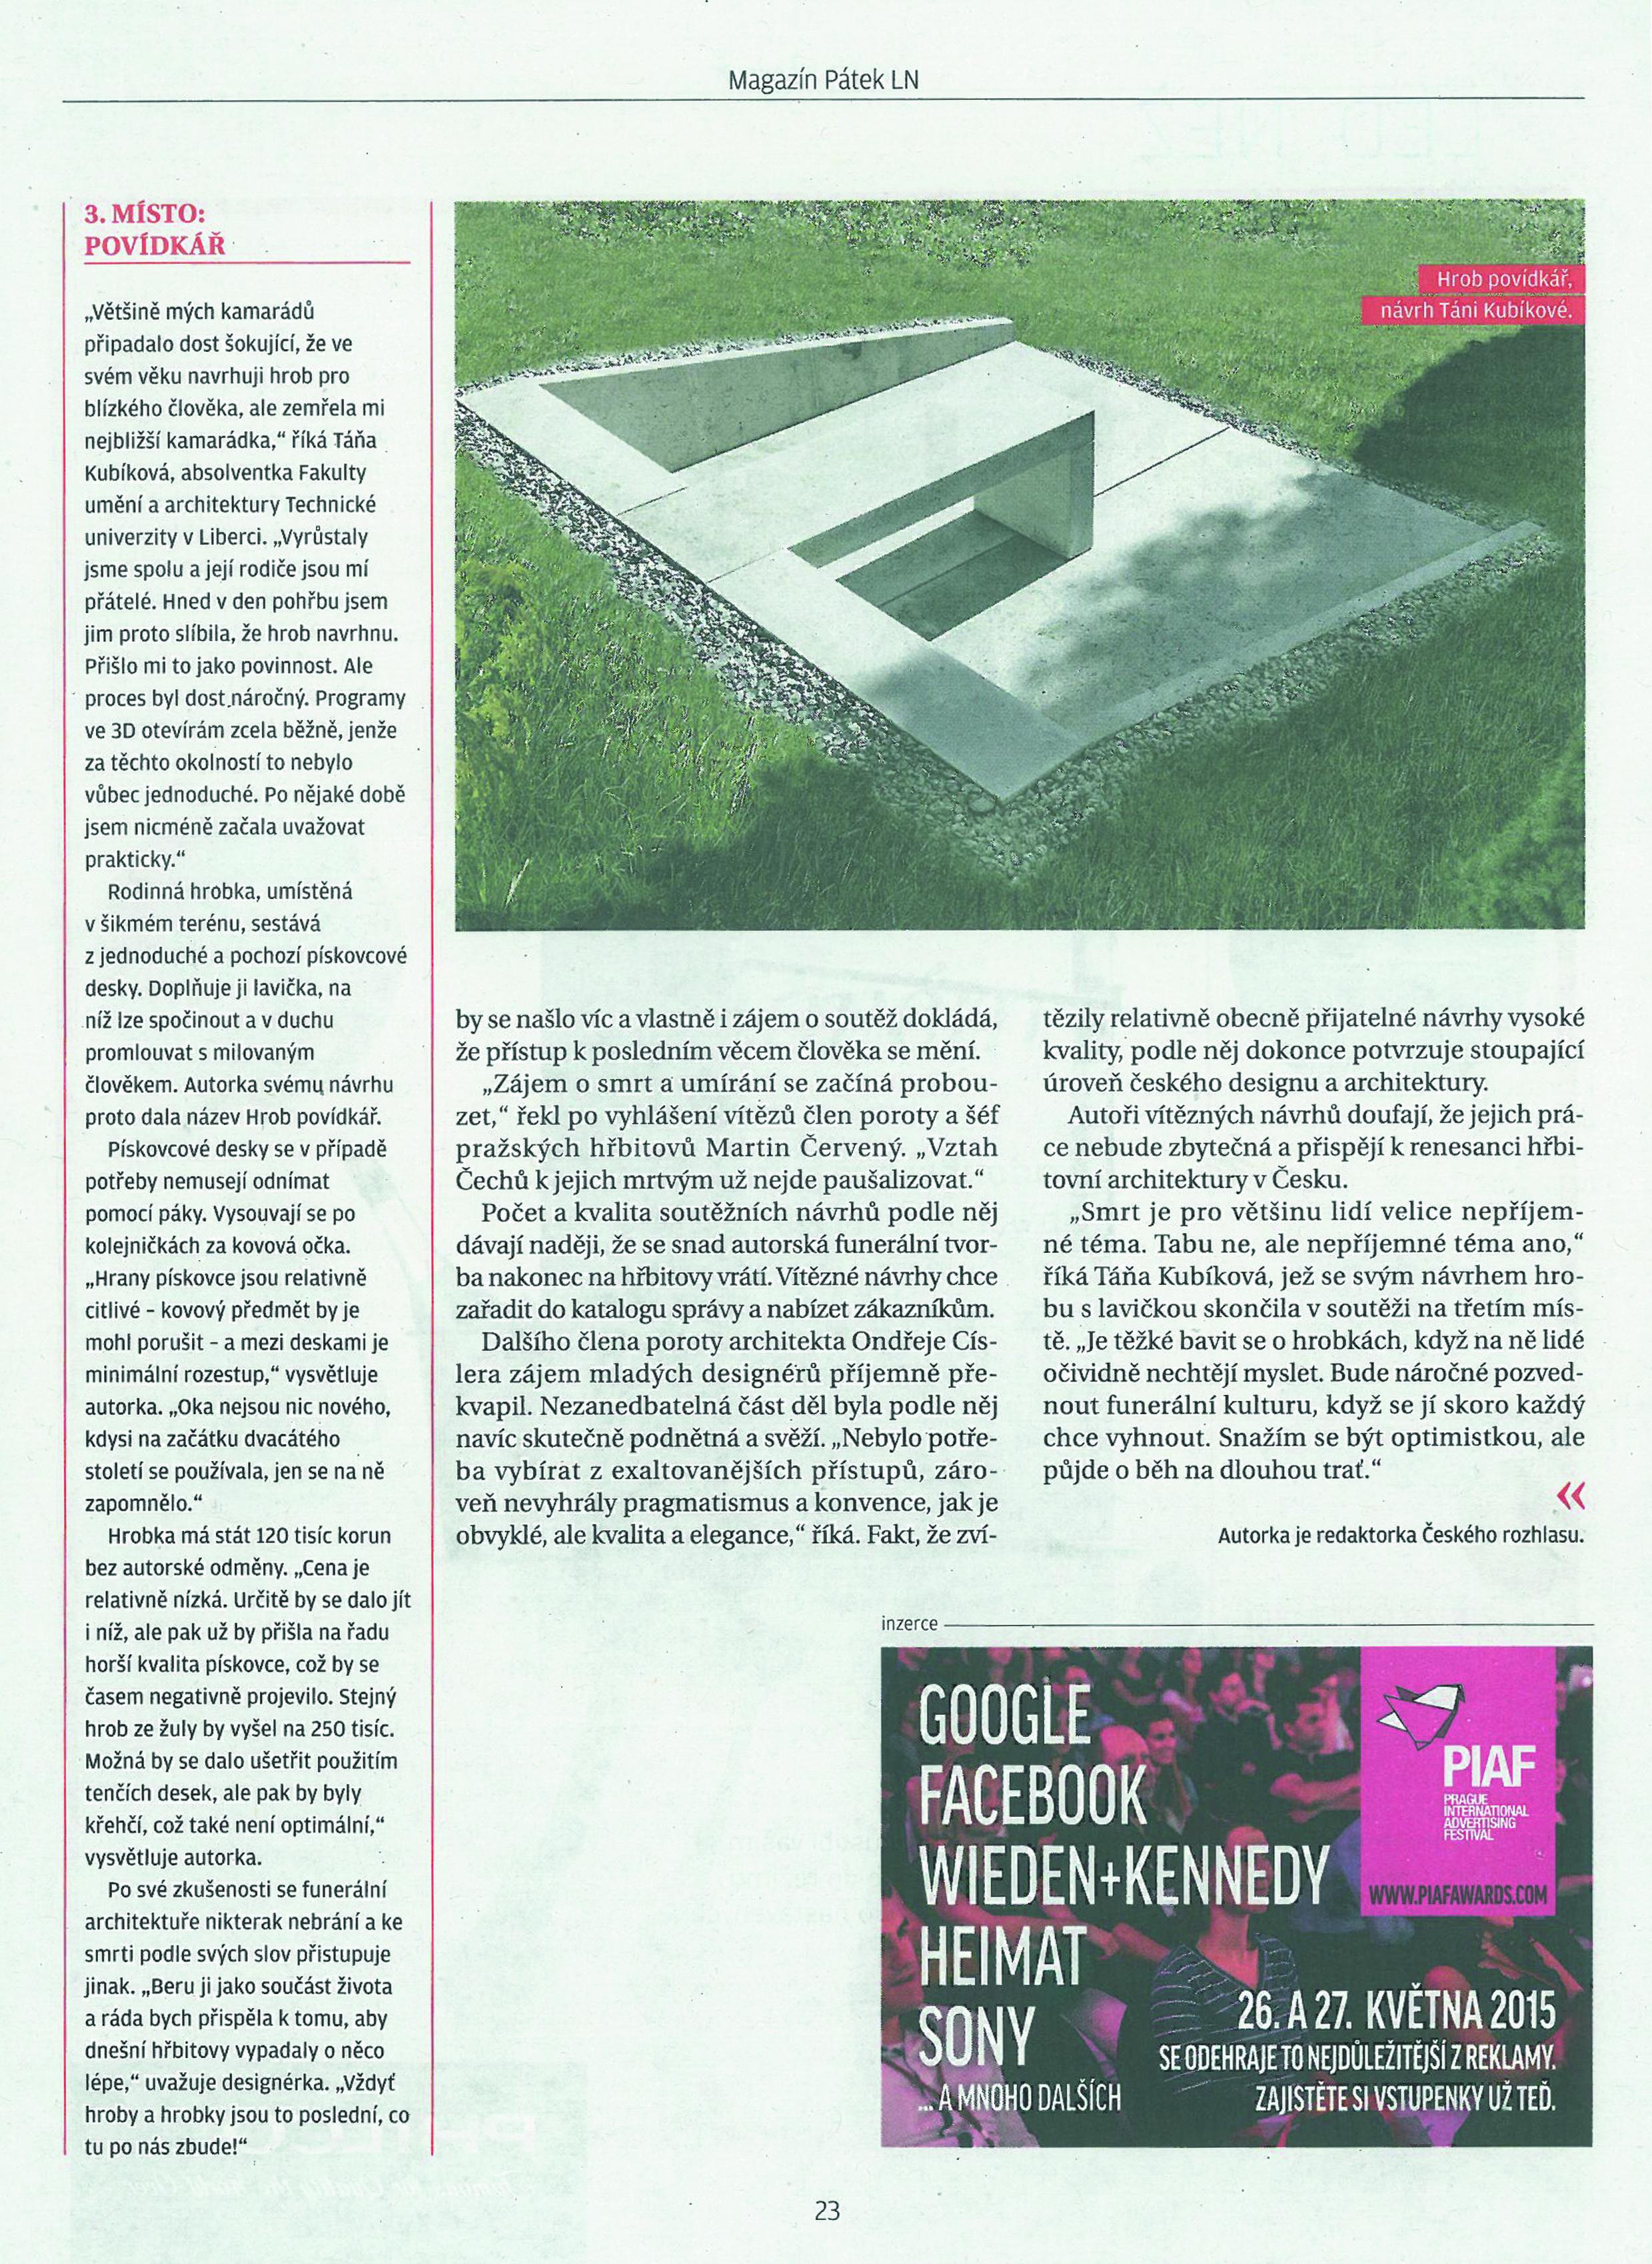 Funeral Desing in der Zeitung - Lidové noviny (Volkszeitung -